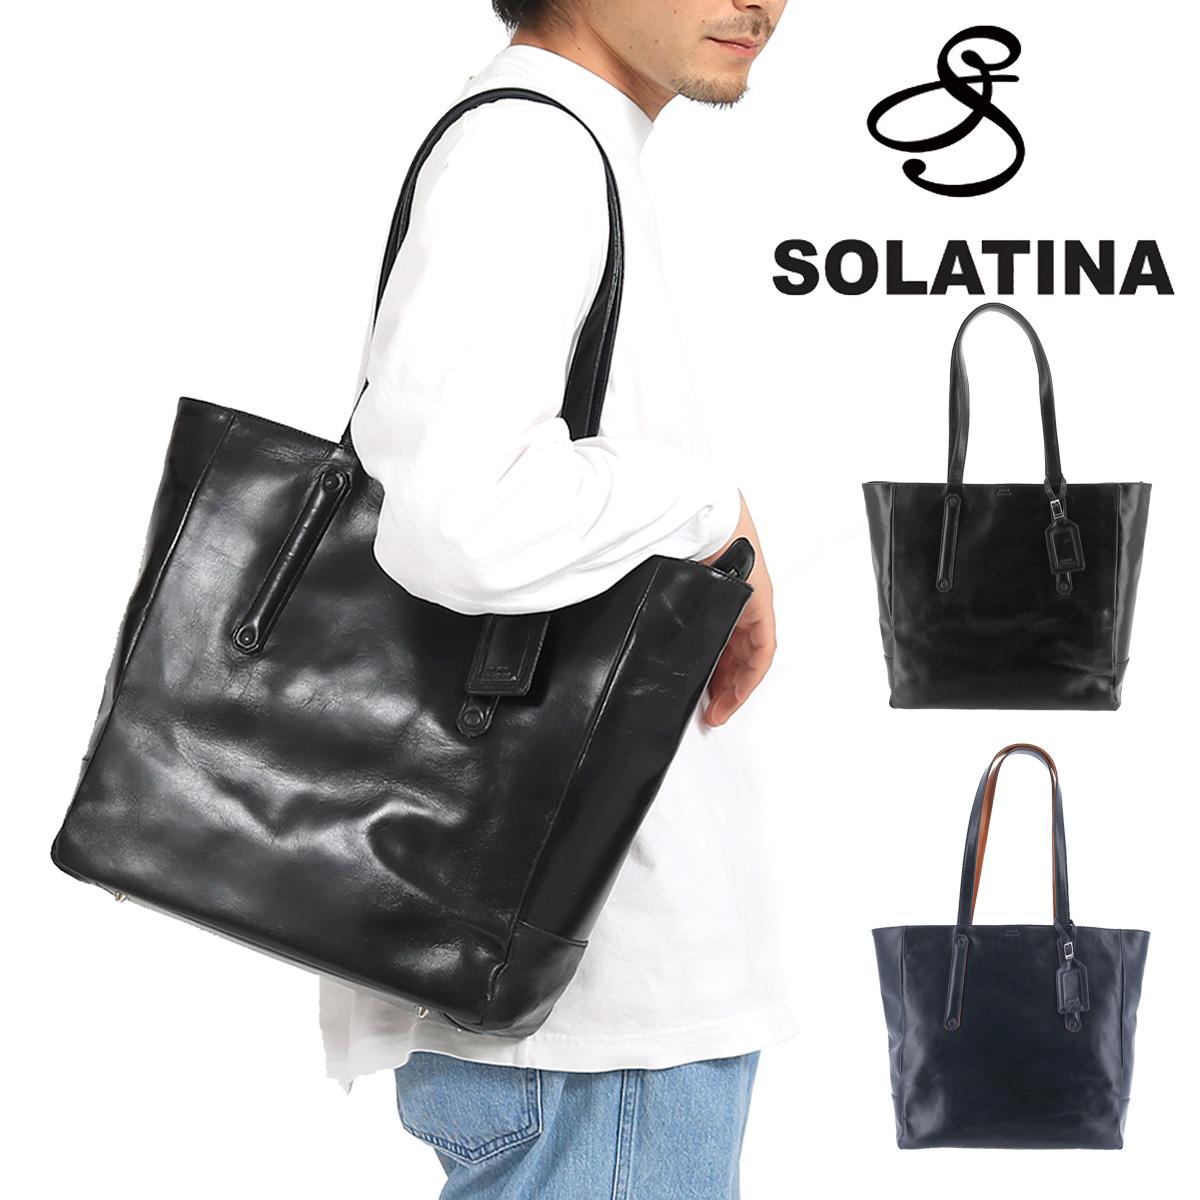 ソラチナ トートバッグ 肩掛け メンズ SJG-00001 SOLATINA | ファスナー付き 本革 レザー ビジネスバッグ ビジネストート[PO10][bef]